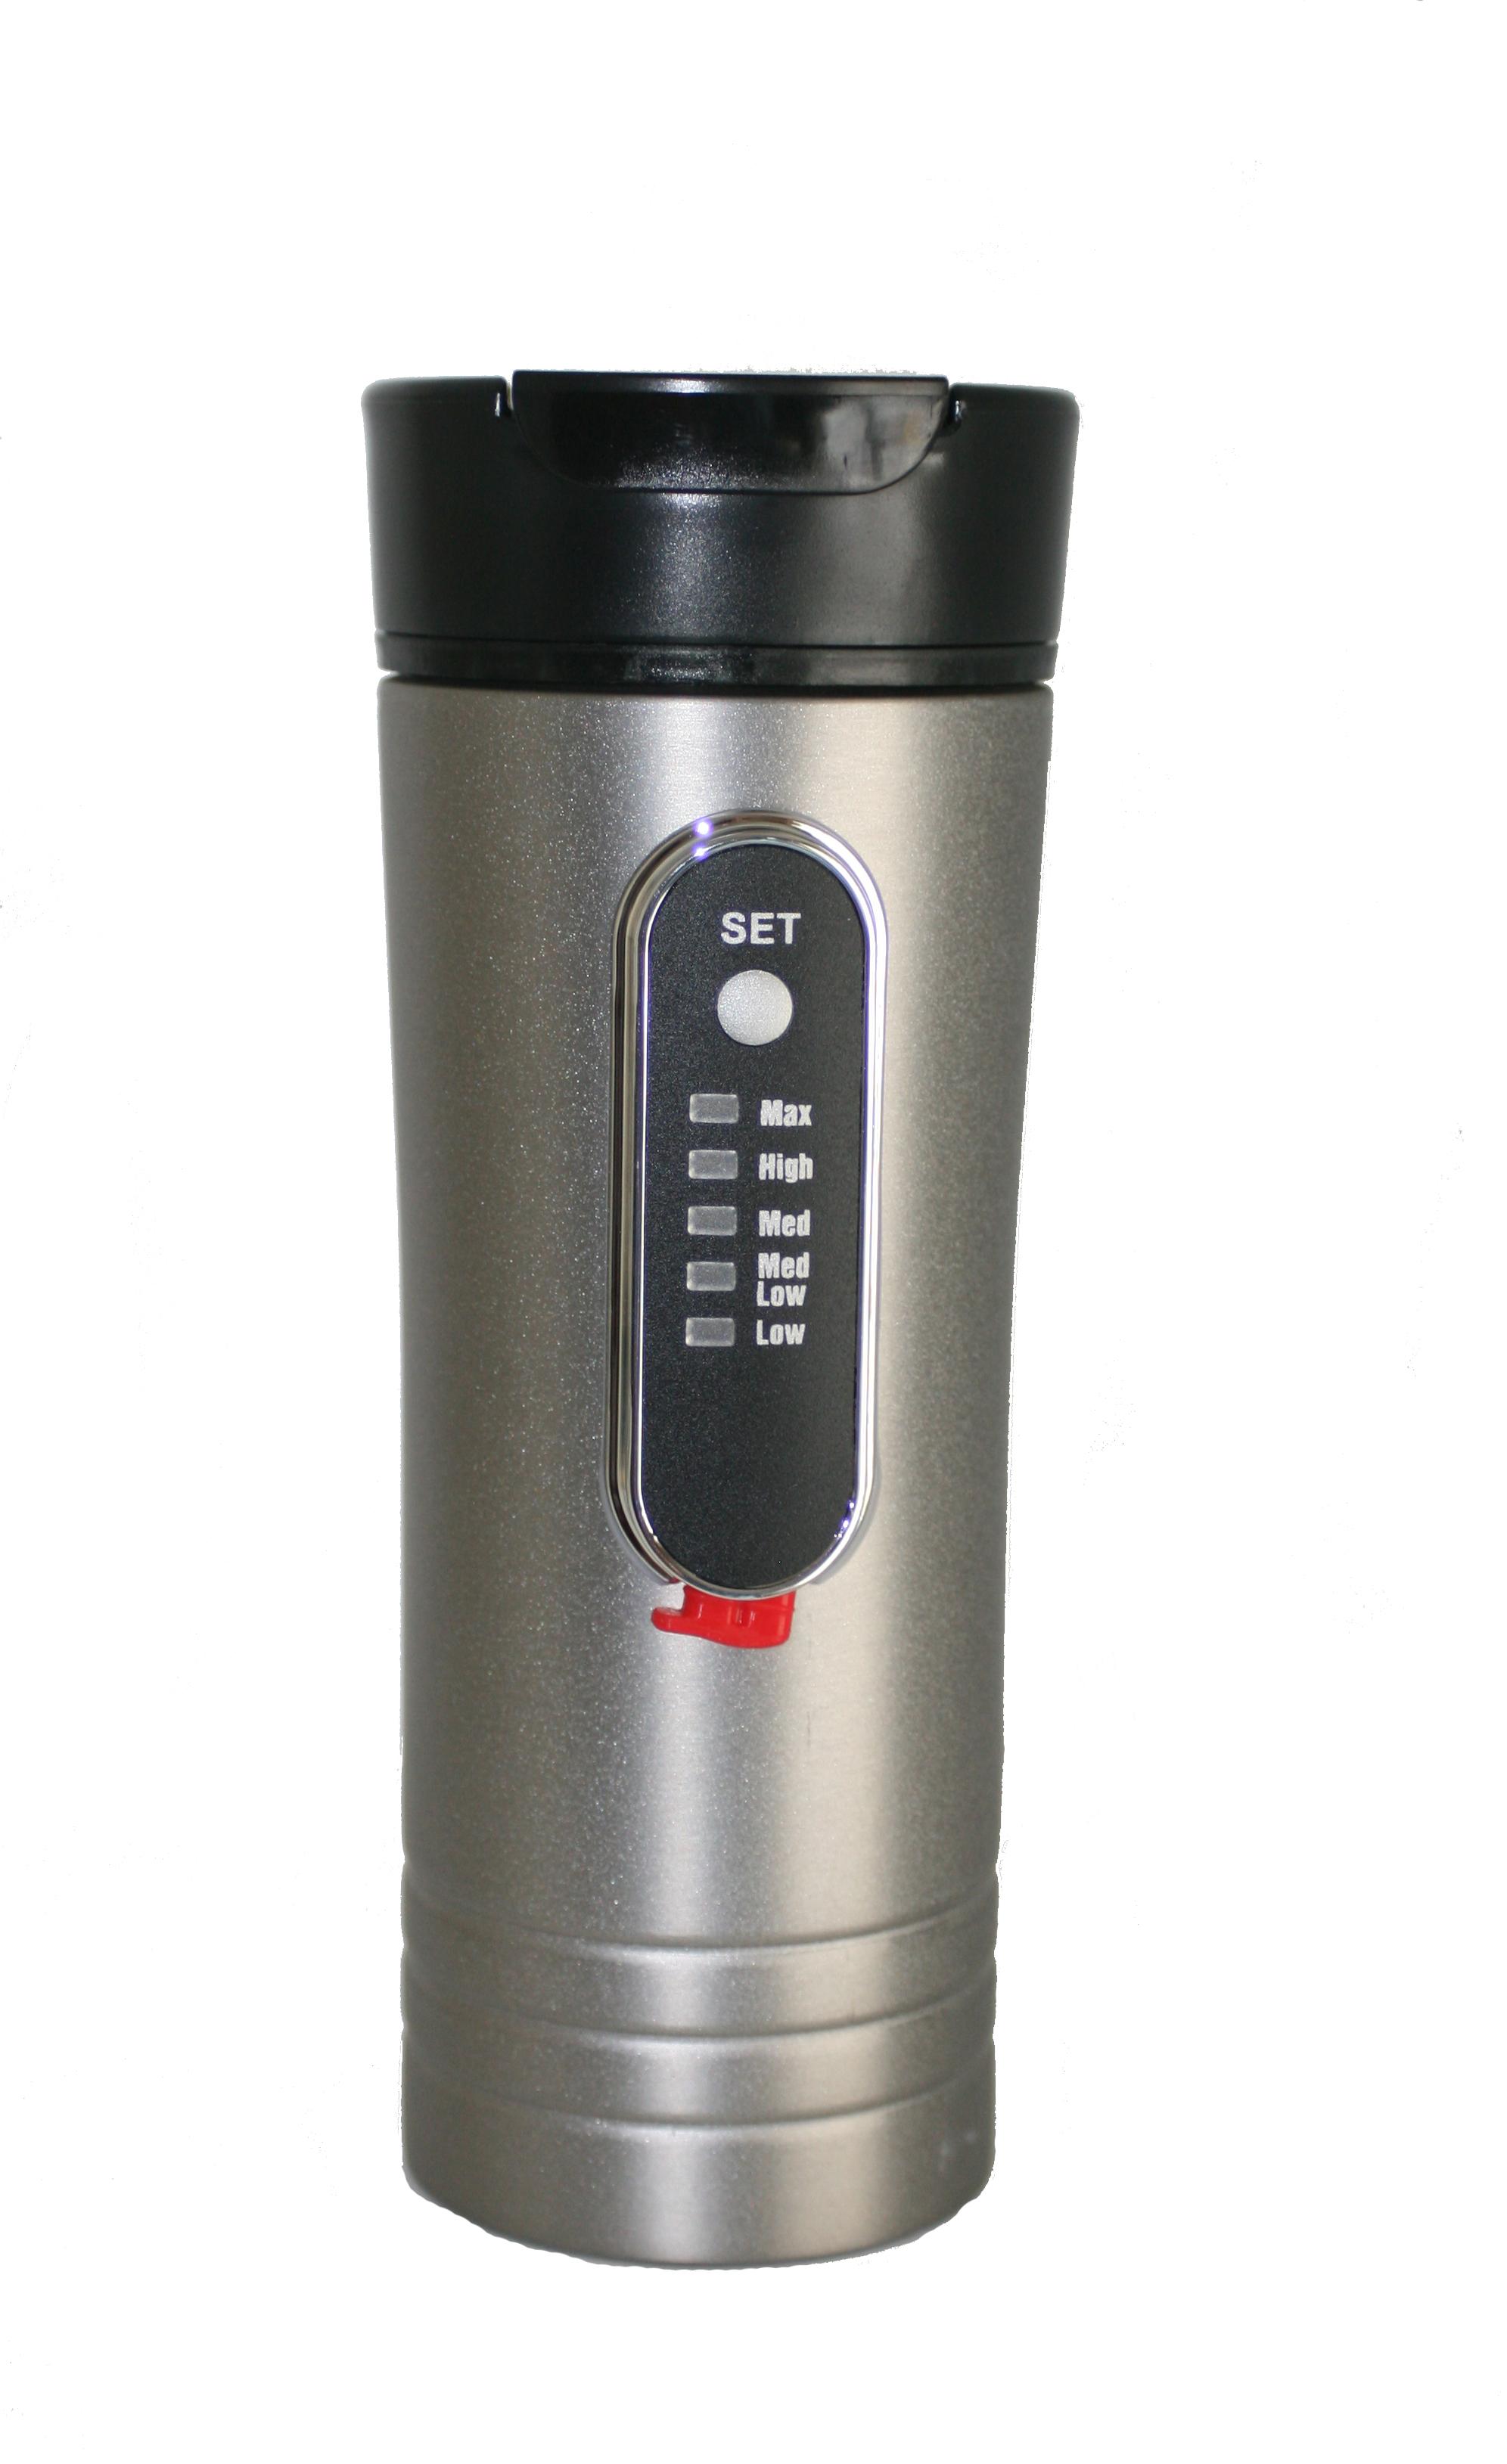 12 Volt Mugs 12 Volt Heated Mugs Roadpro 12 Volt